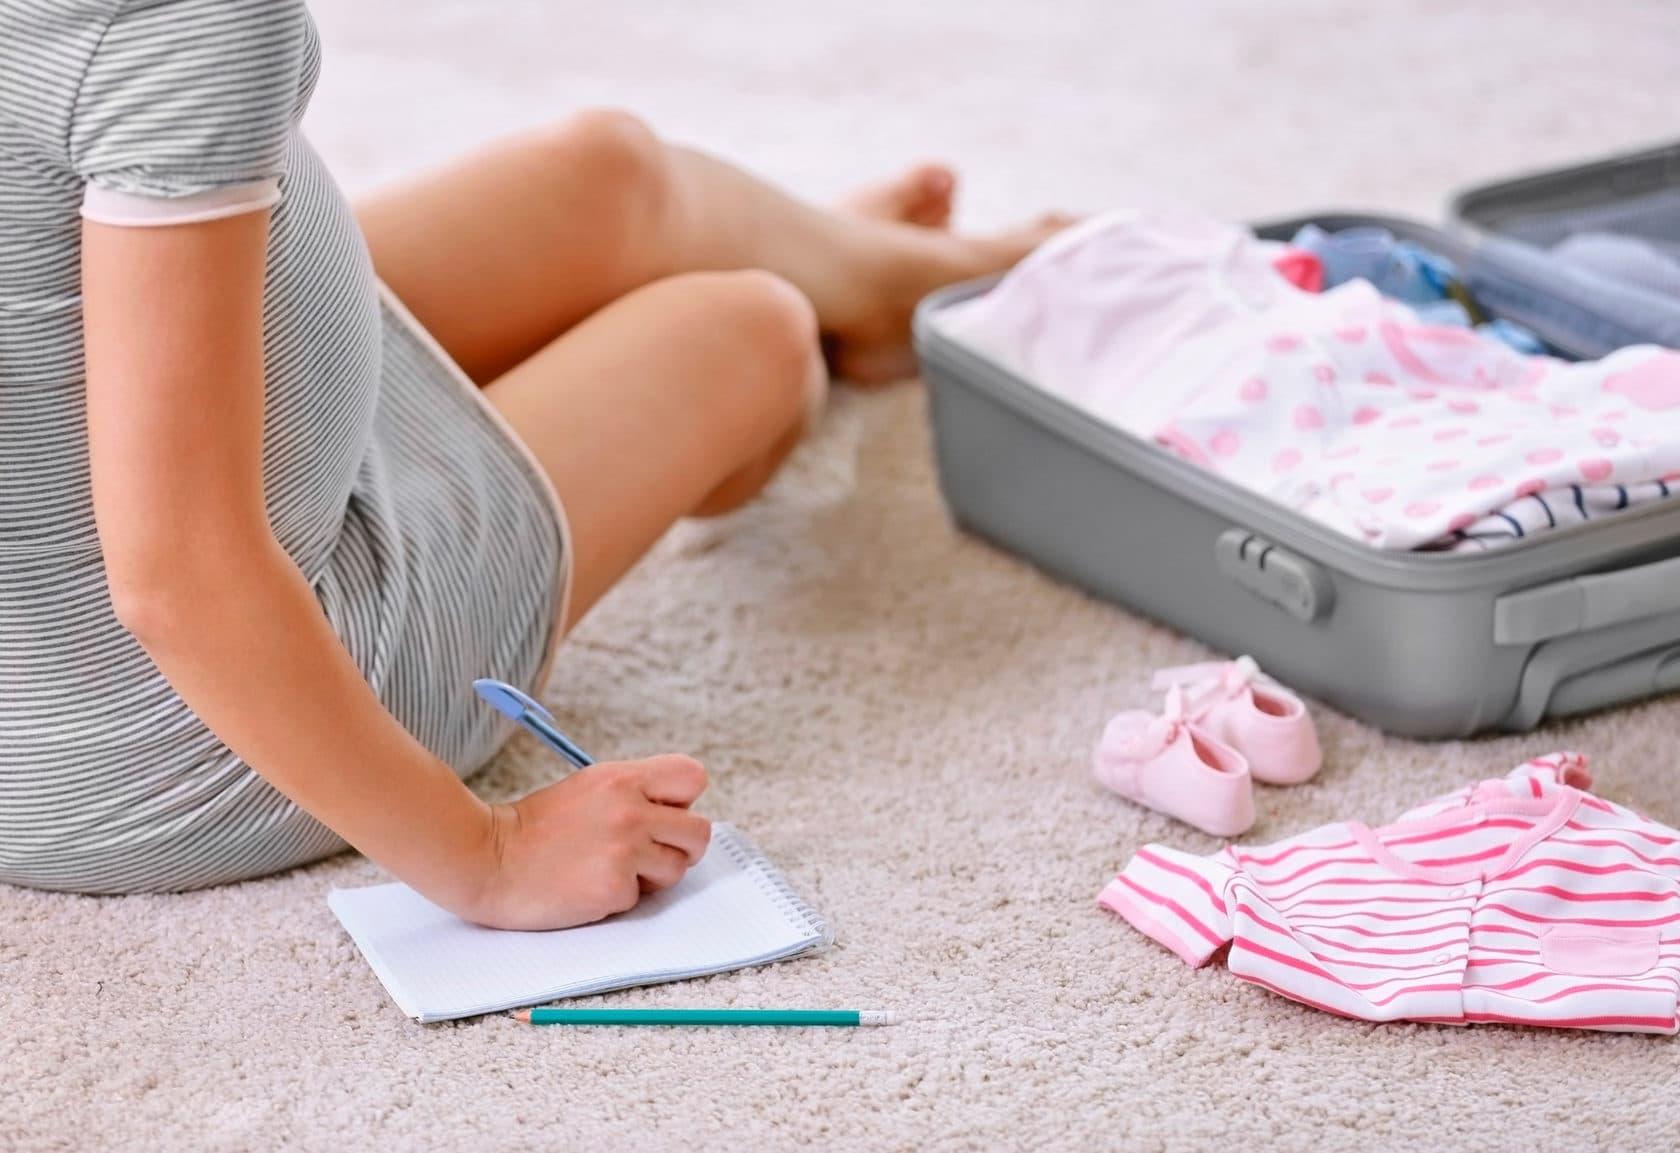 Как правильно очистить и продезинфицировать свои вещи и дом | компьютерра